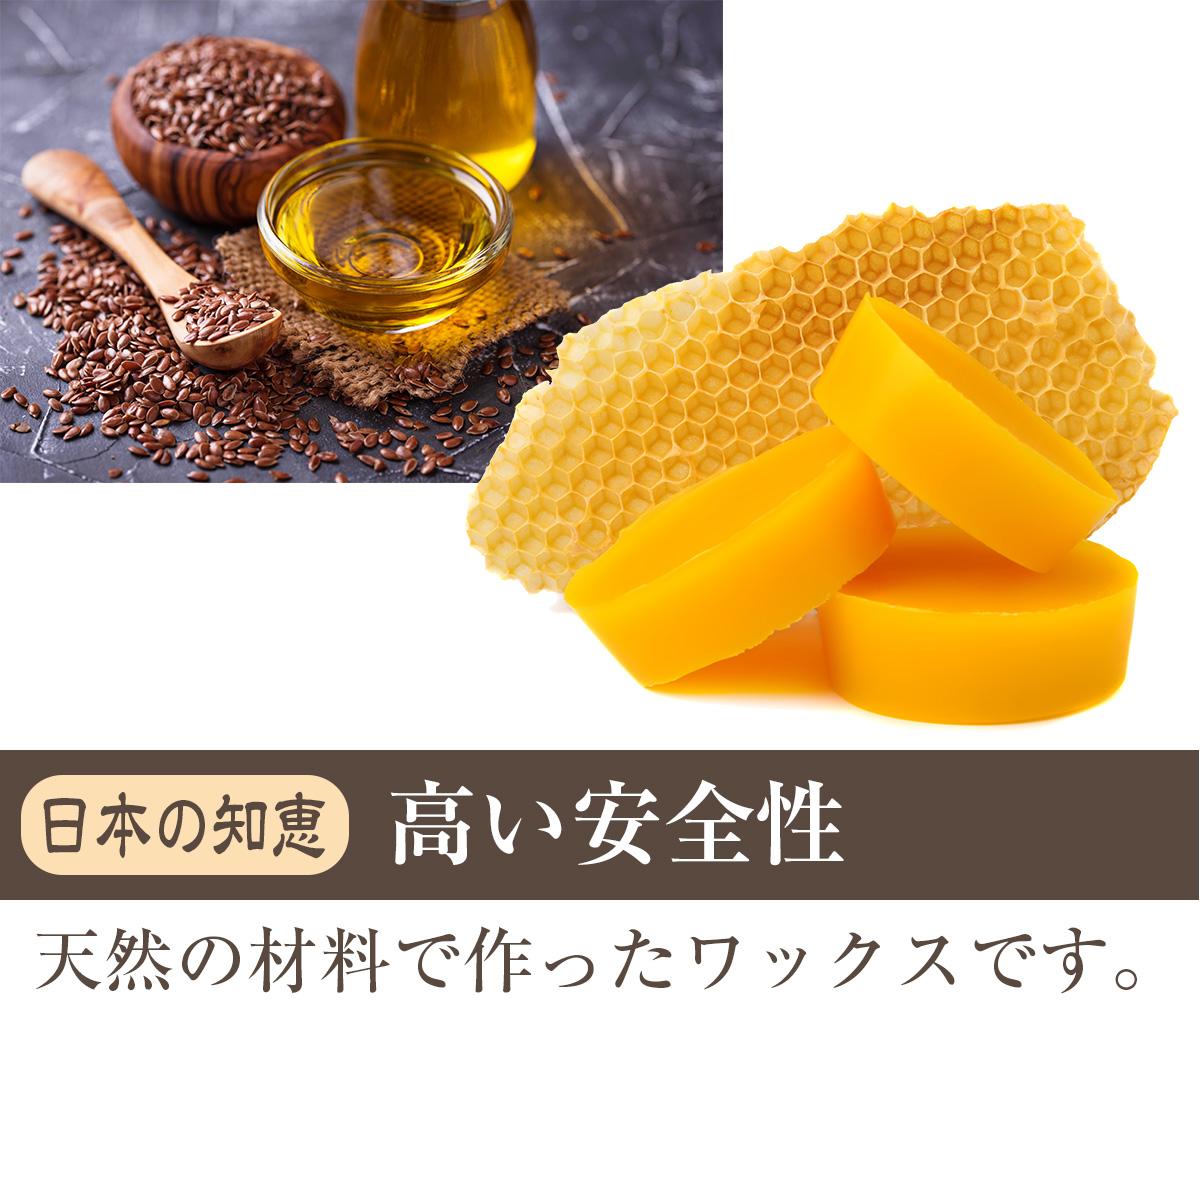 日本の知恵・高い安全性 天然の材料で作ったワックスです